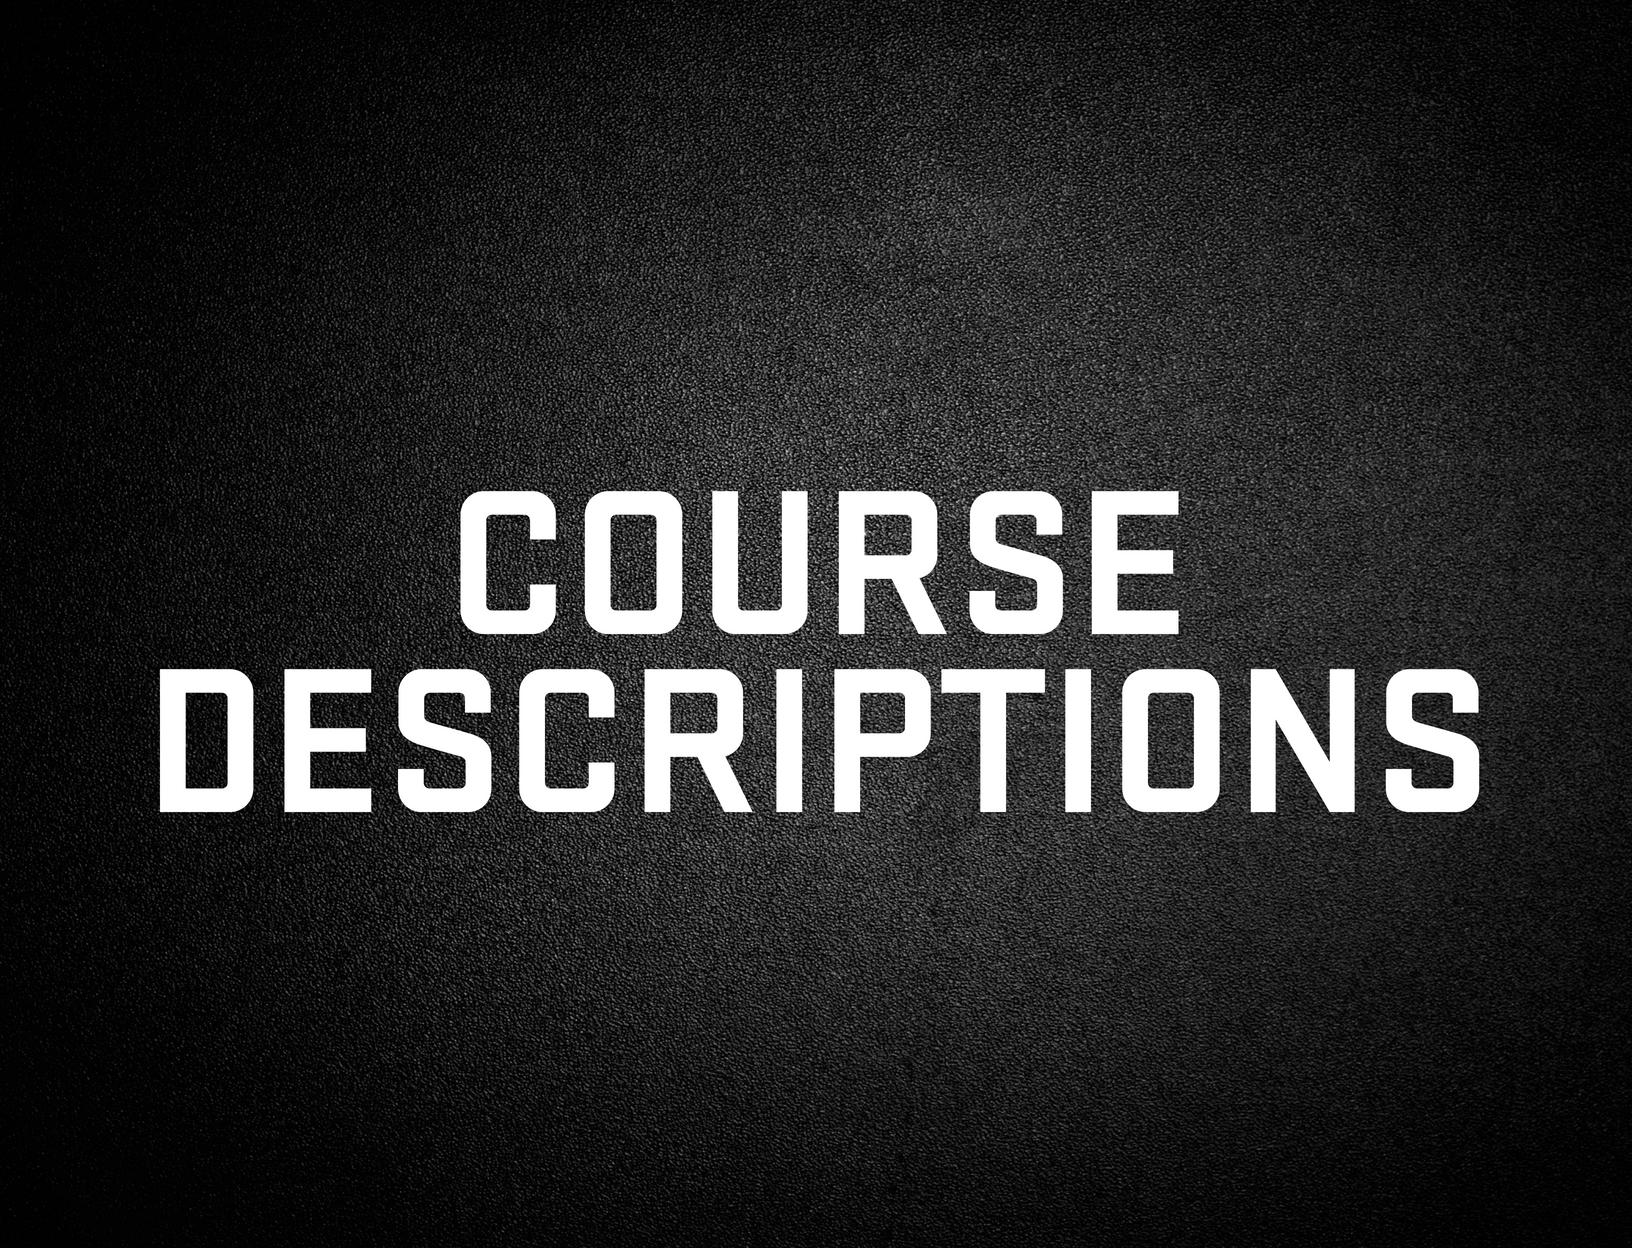 course-descriptions-royal-range-usa.png